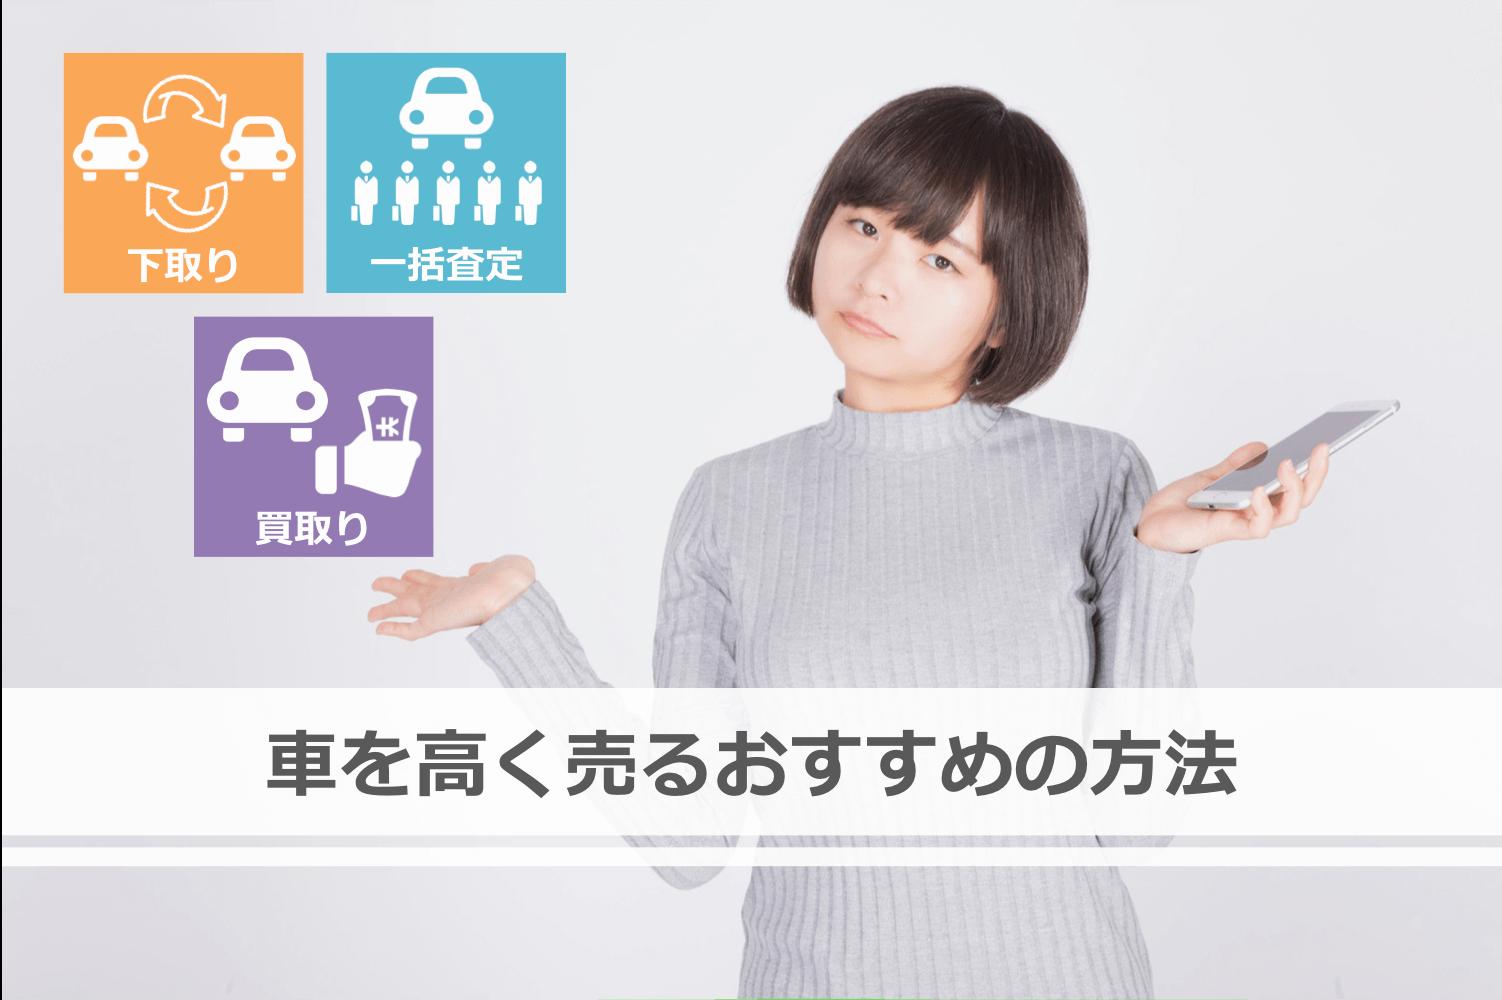 【車を高く売るおすすめの方法】買取り・下取り・一括査定と買取業者を徹底比較!